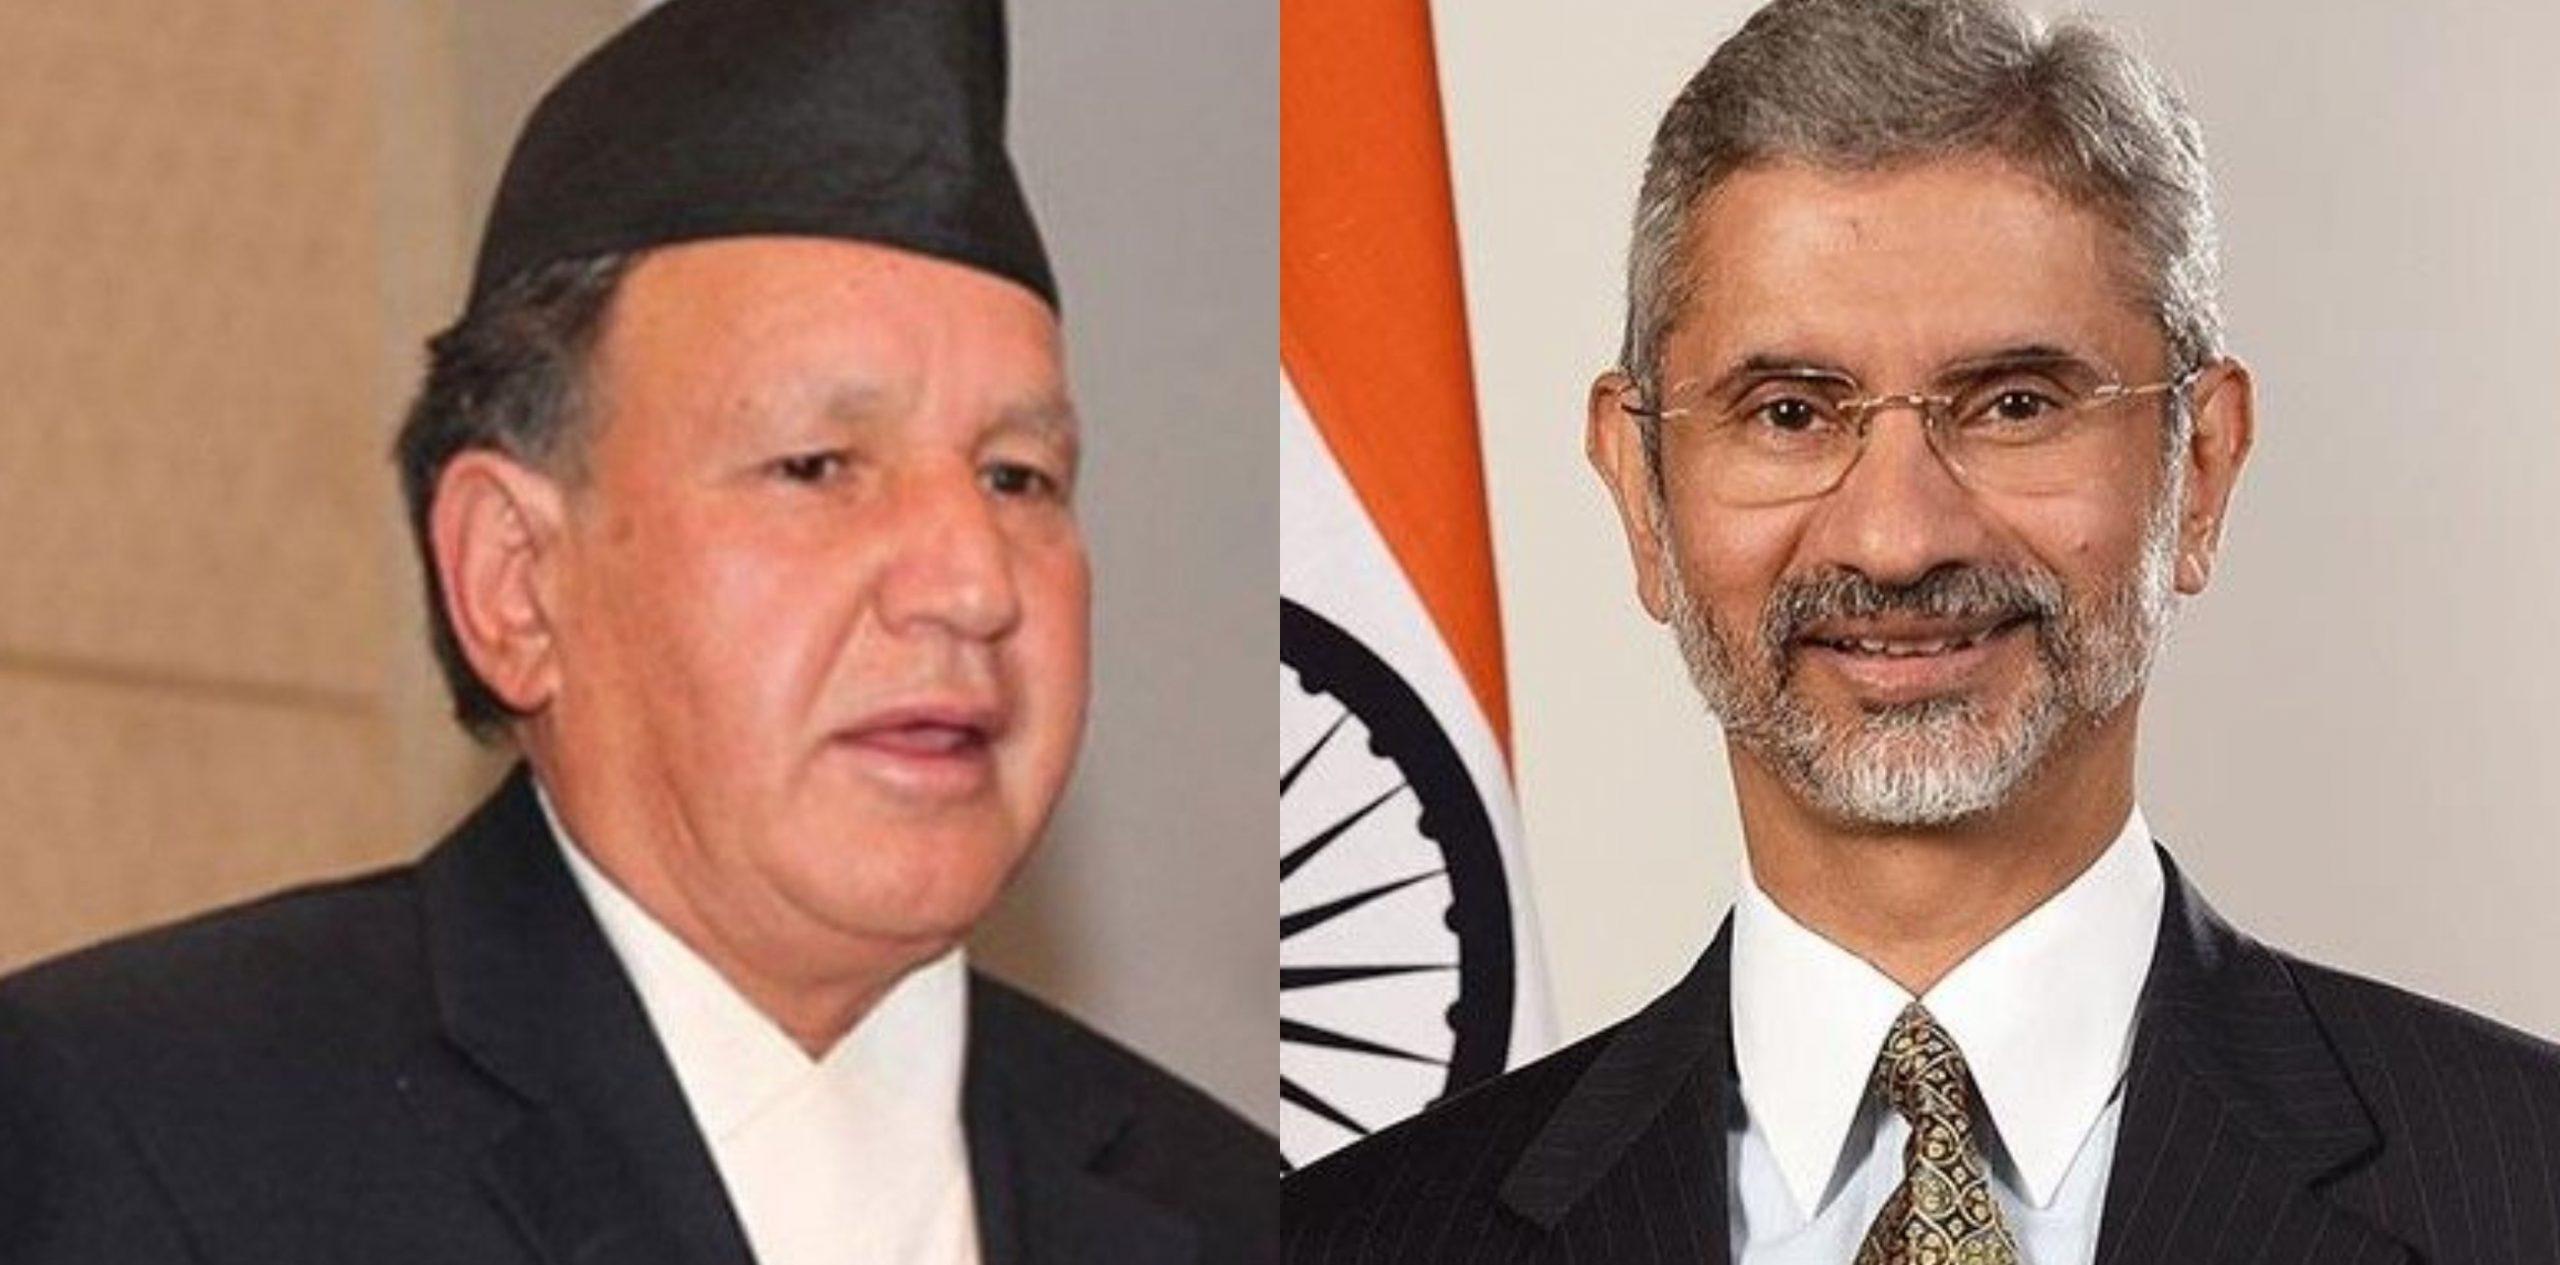 नेपालका परराष्ट्रमन्त्रीसँग सहकार्य गर्न प्रतीक्षारत छु : जयशंकर